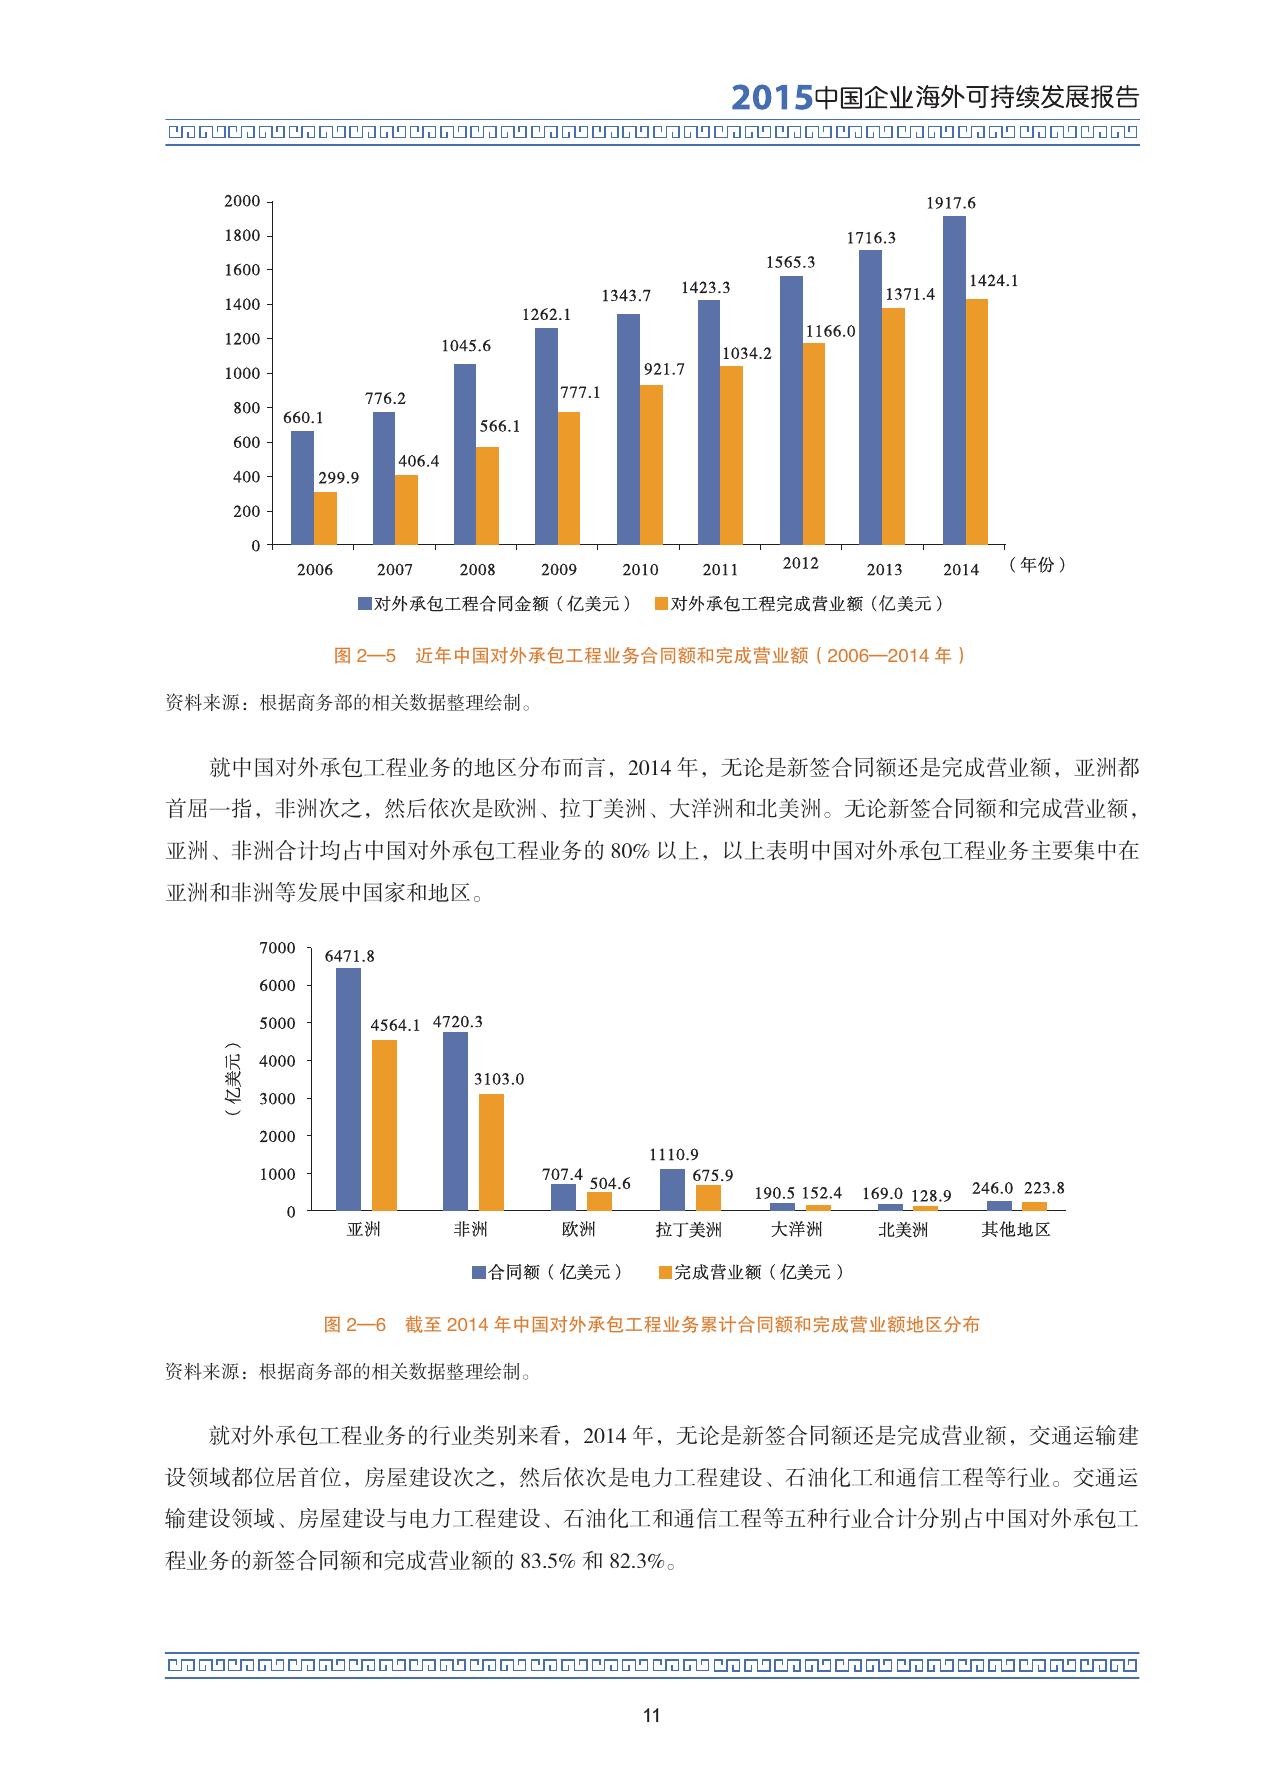 2015中国企业海外可持续发展报告_000025